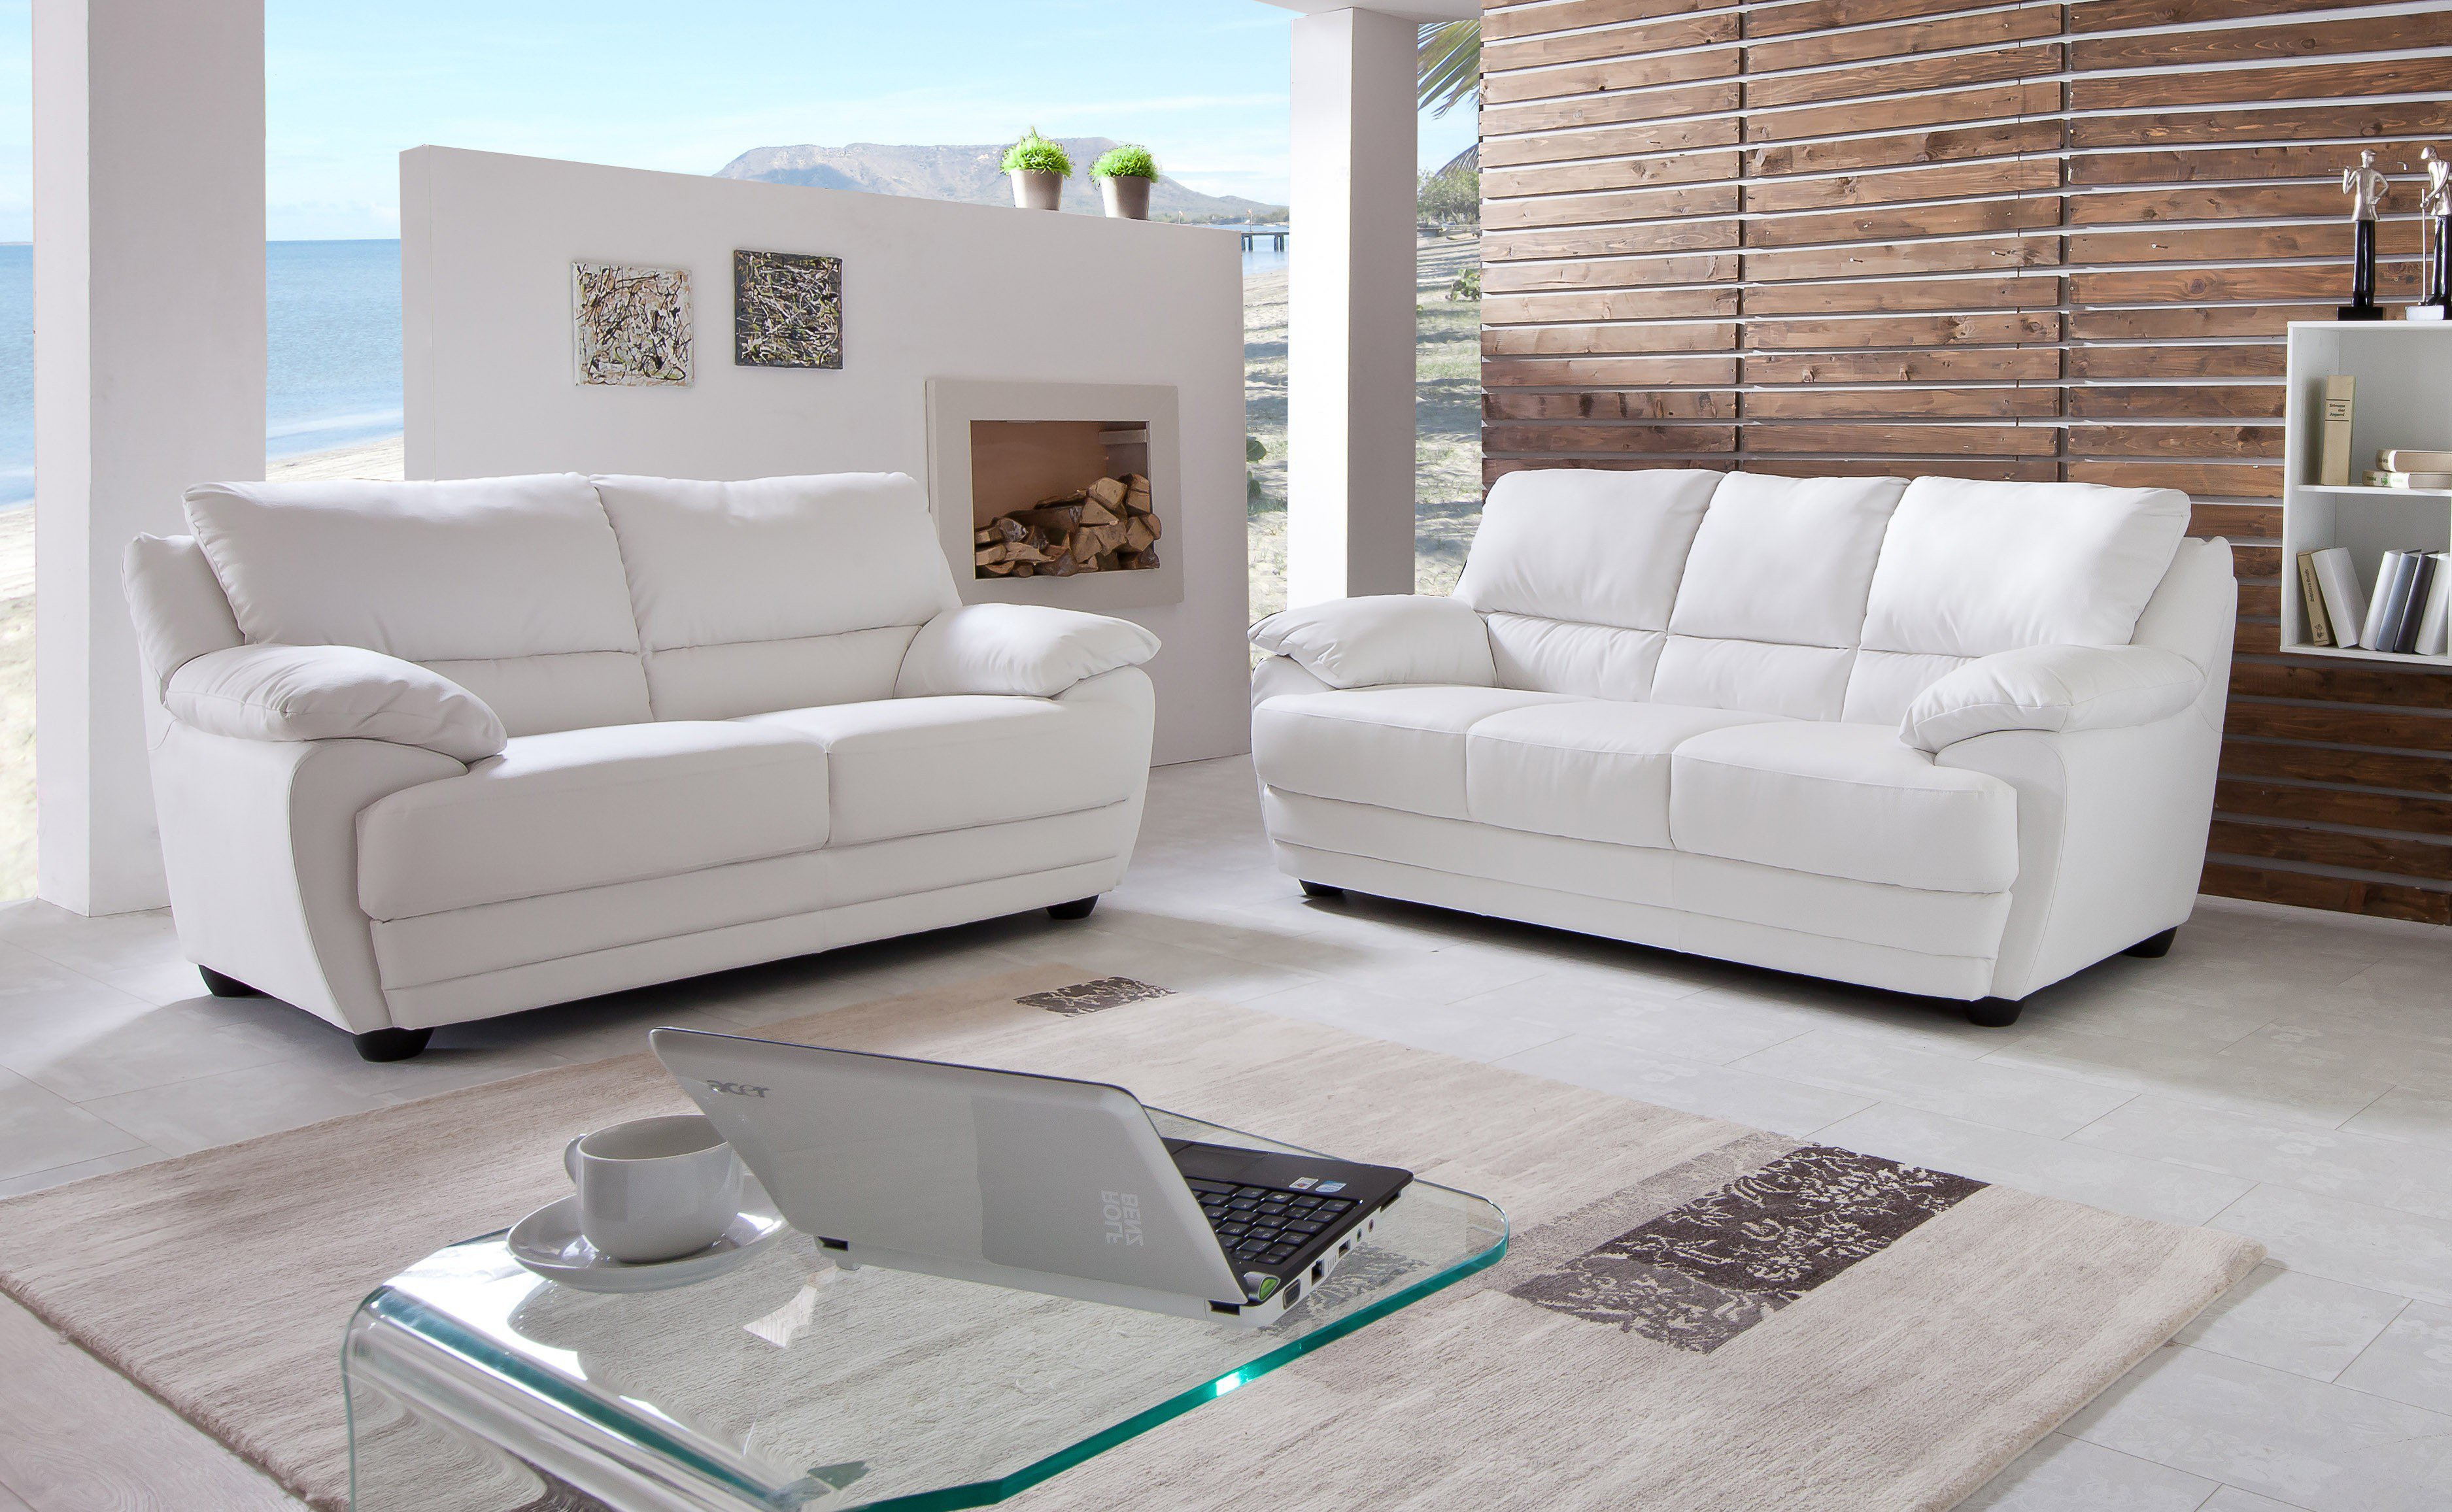 cotta nebolo polstergarnitur in wei m bel letz ihr online shop. Black Bedroom Furniture Sets. Home Design Ideas